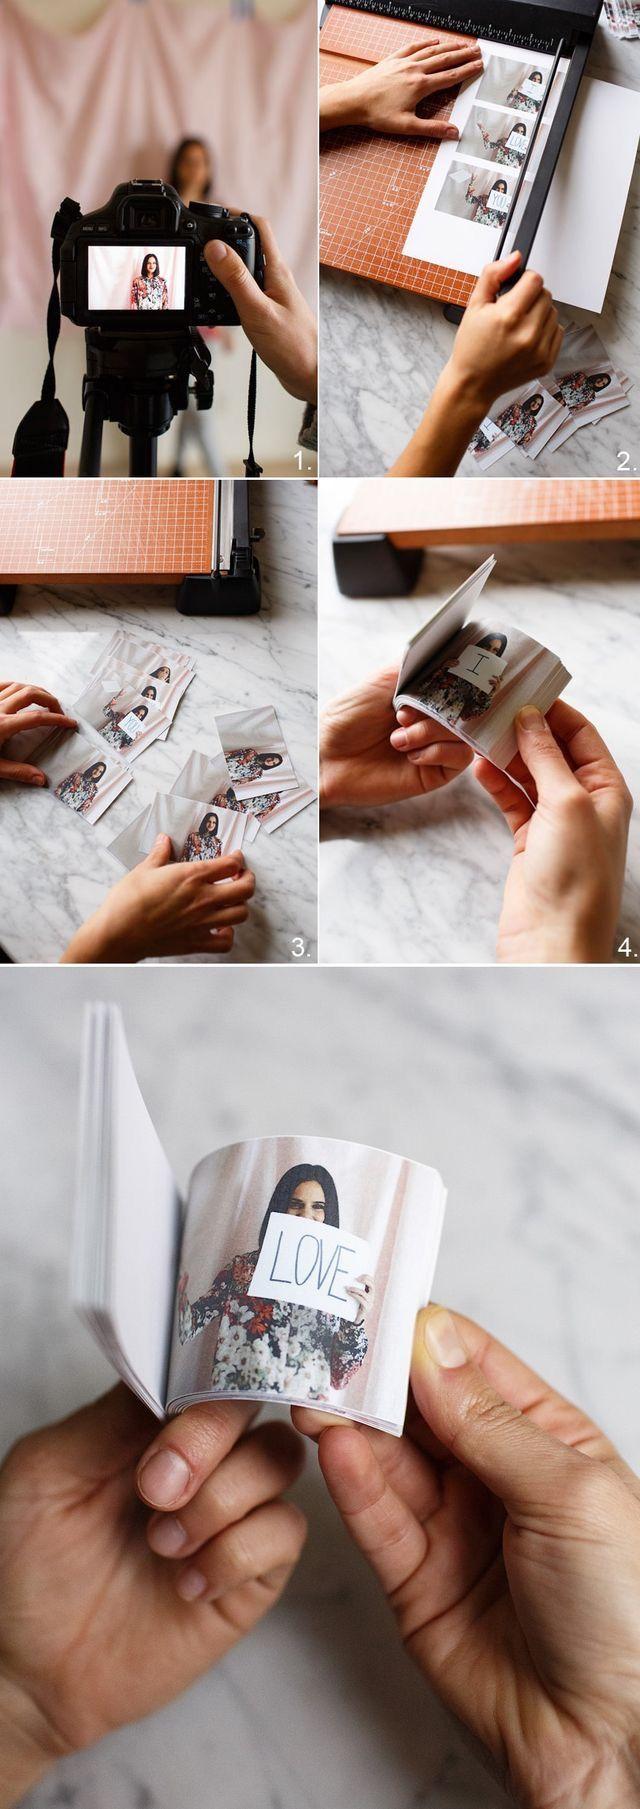 ♡ριитєяєѕт: яуℓєєкιχ♡ | diy | Pinterest | Gift, Craft and Boyfriends